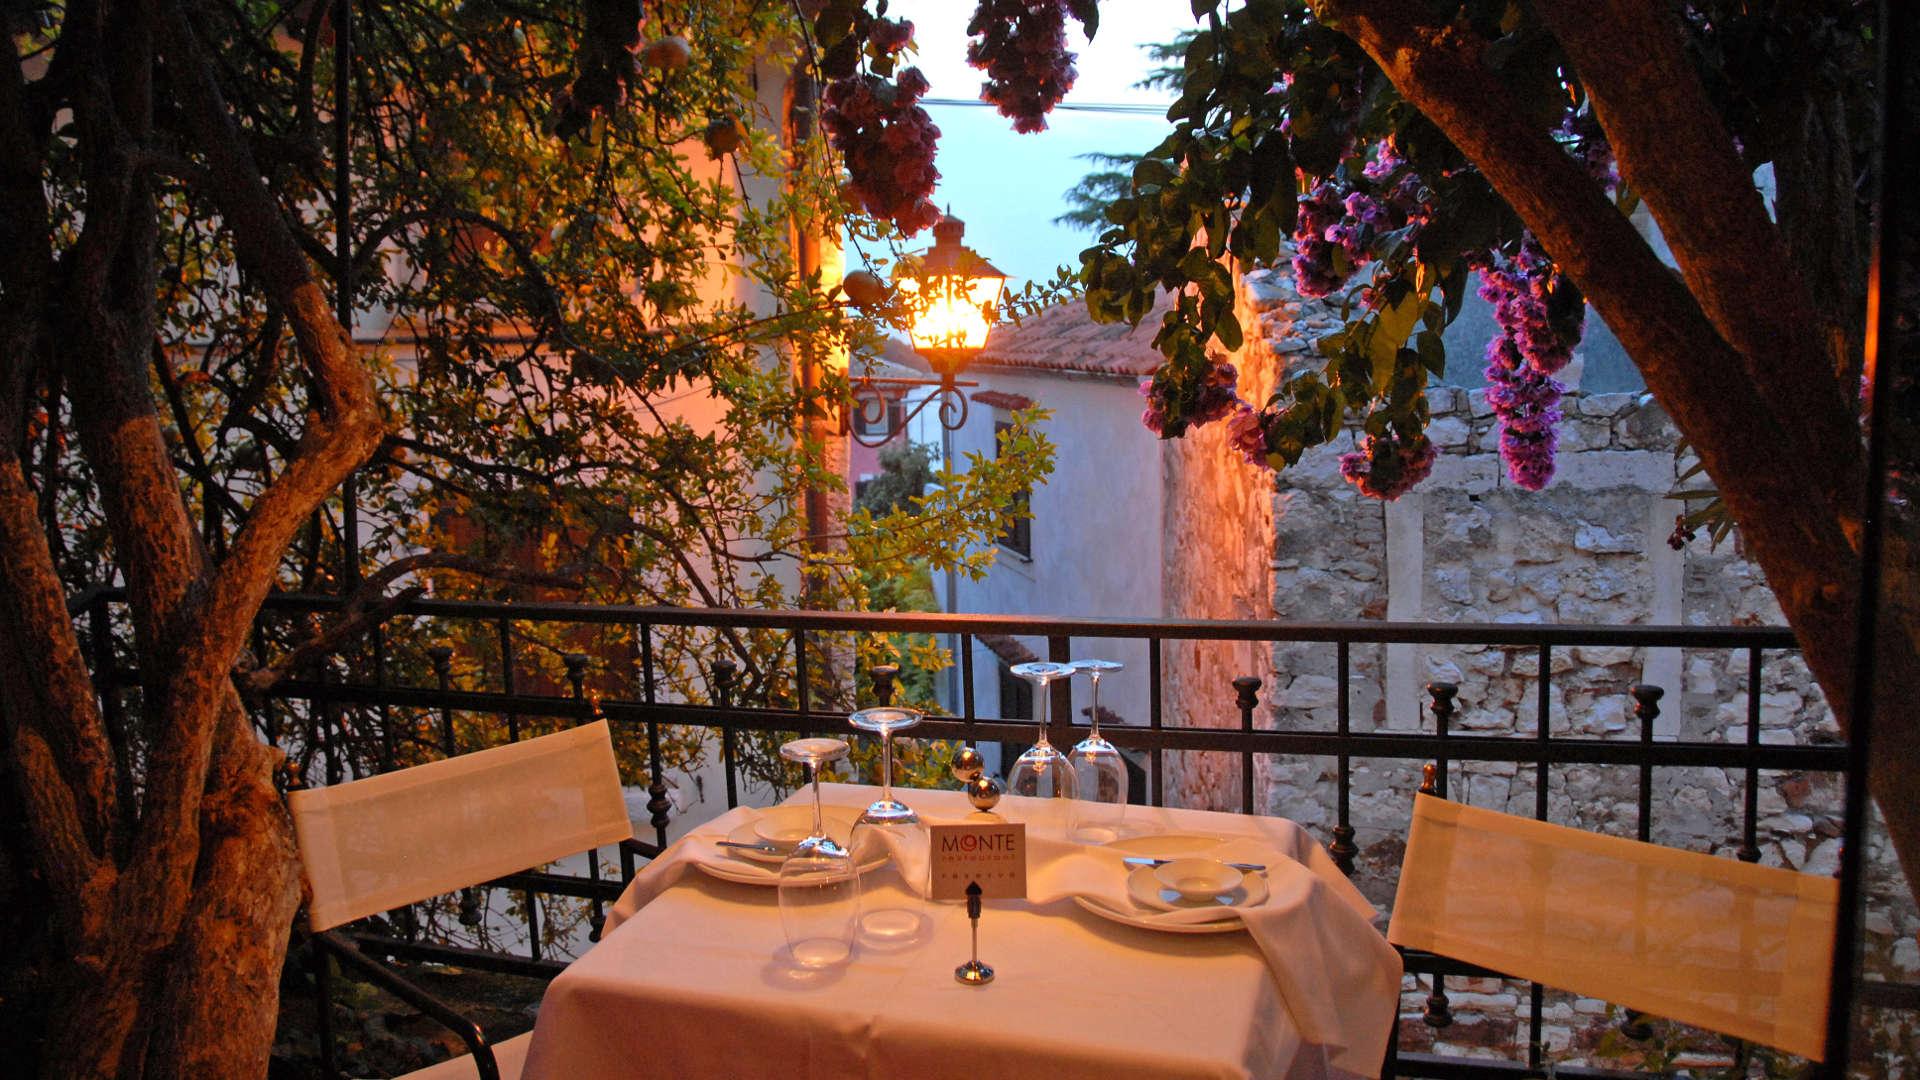 Monte Restaurant